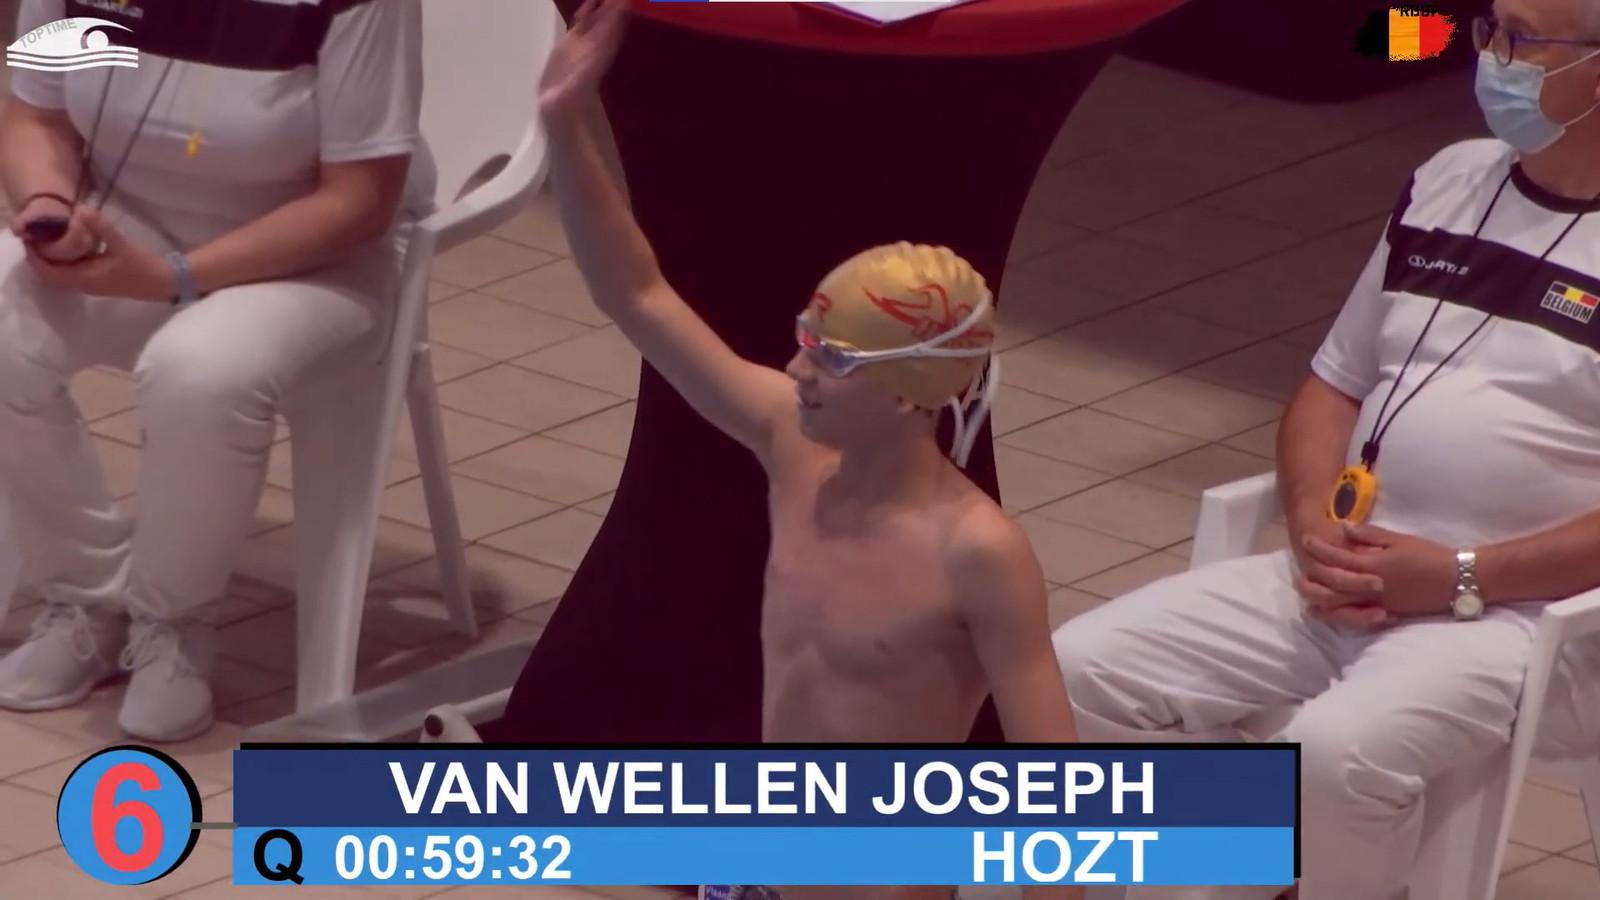 Het Hoogstraats Zwemteam (HoTZ) wist vijf medailles te halen, allemaal dankzij Elina Van de Cloot. Maar ook Joseph Van Wellen gaf het beste van zichzelf.